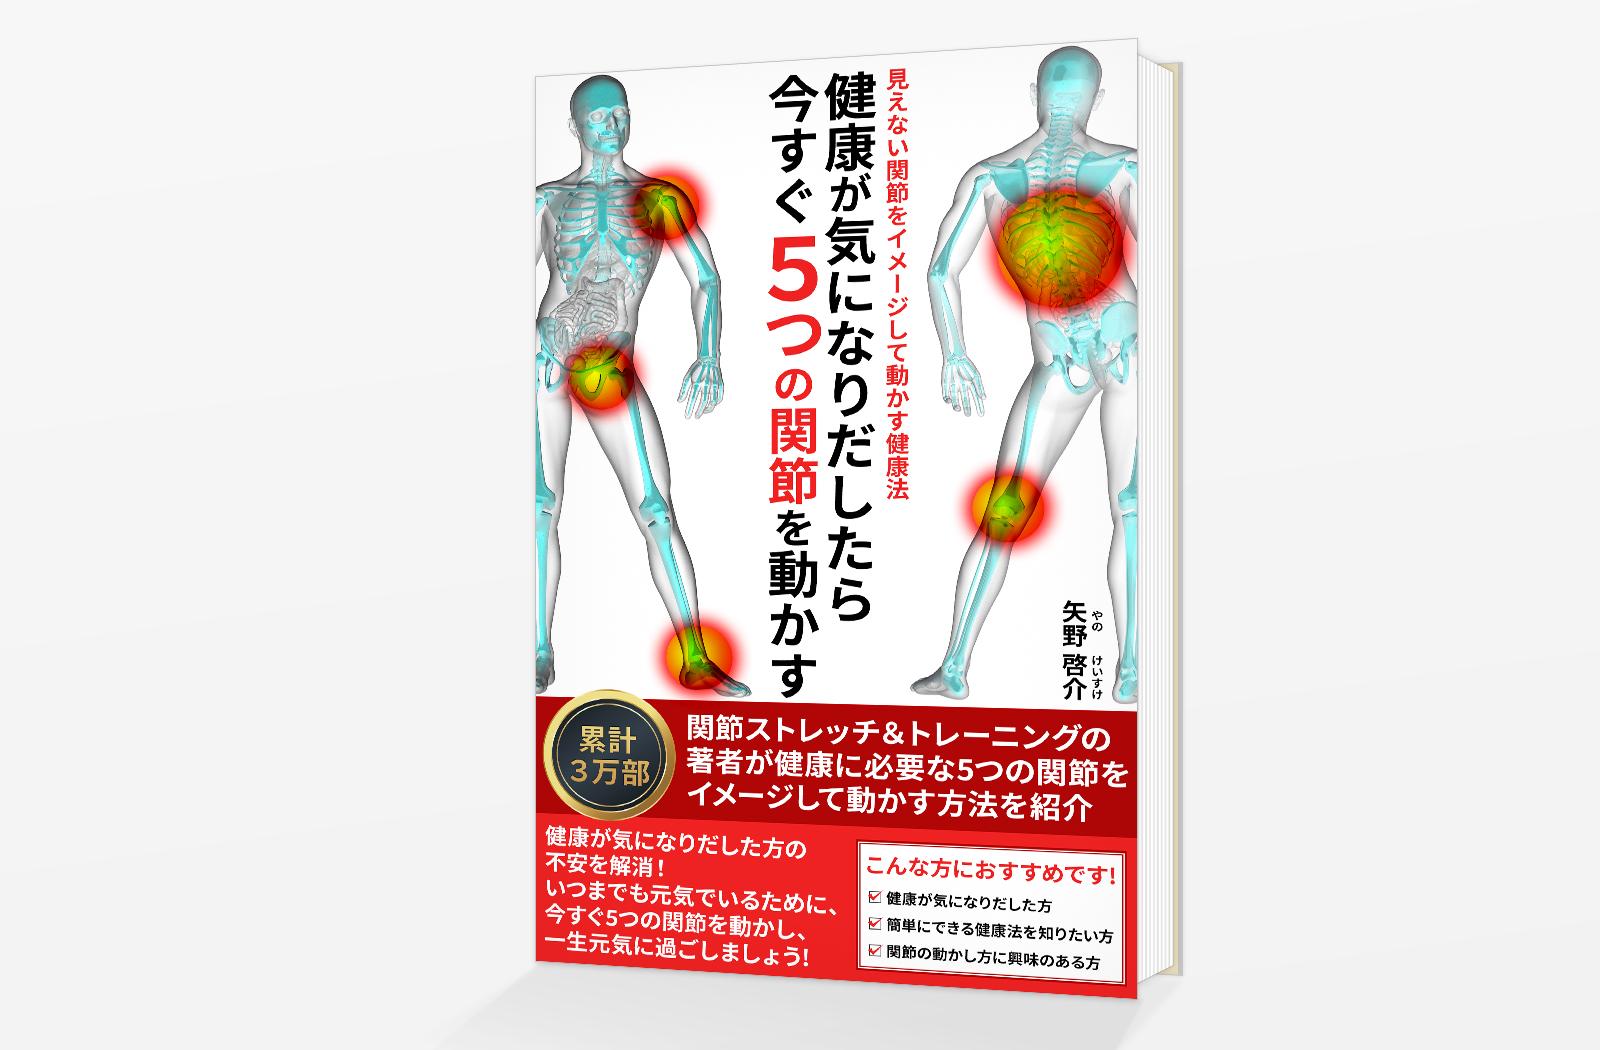 健康が気になりだしたら今すぐ5つの関節を動かす